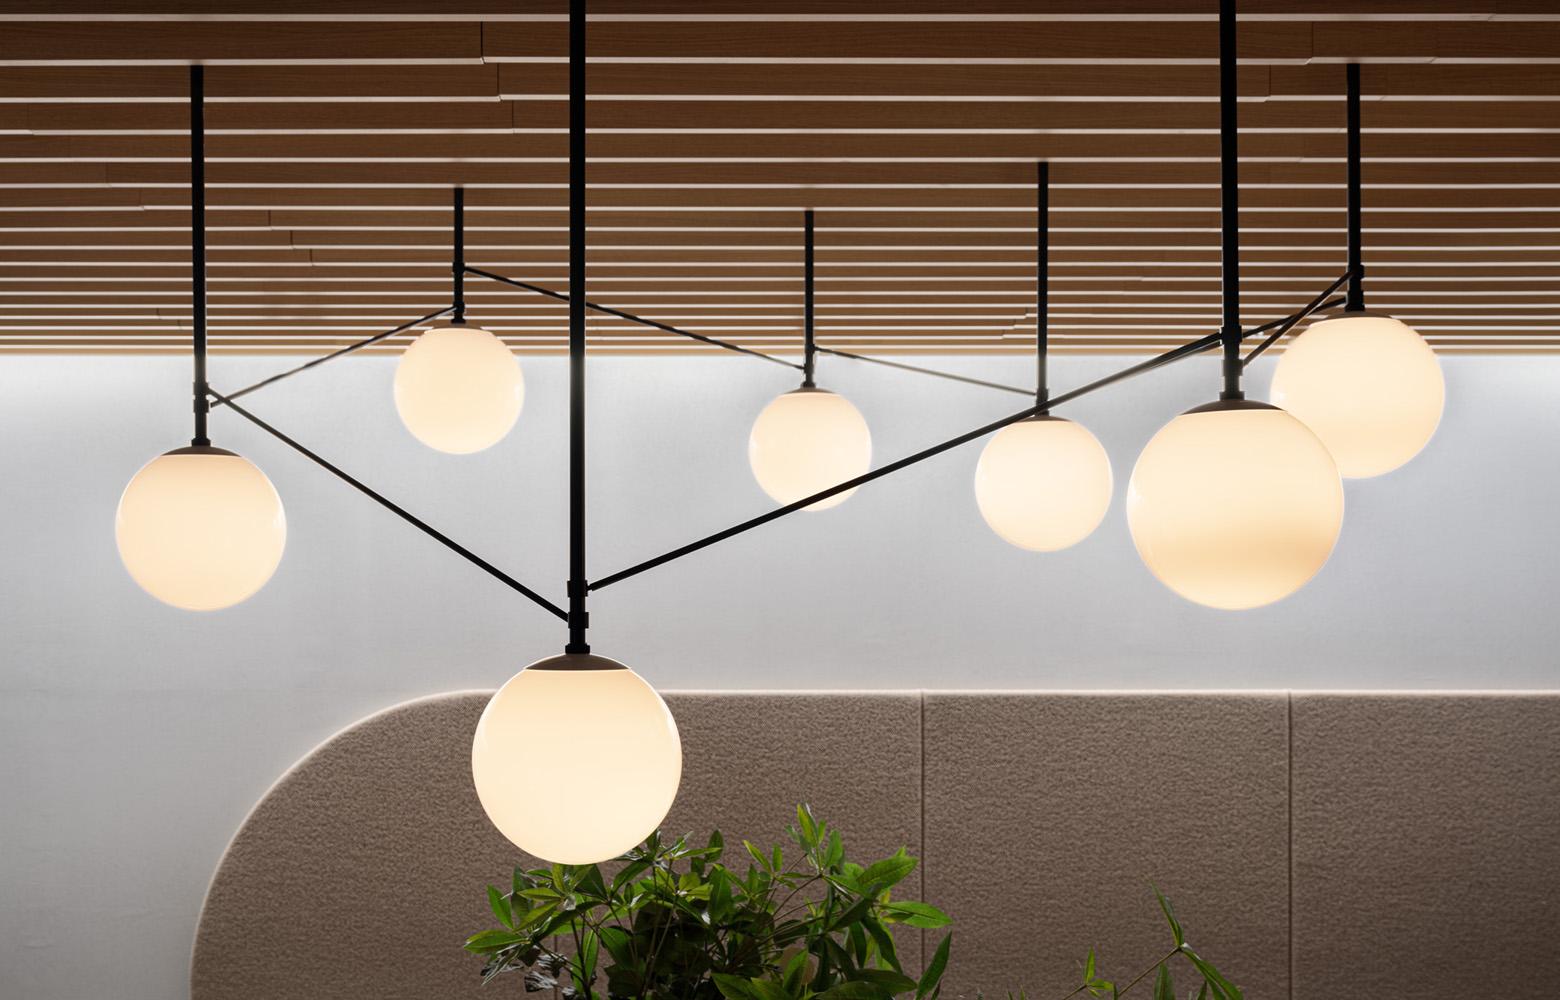 株式会社セブン&アイ・ネットメディア Entrance_Lighting デザイン・レイアウト事例